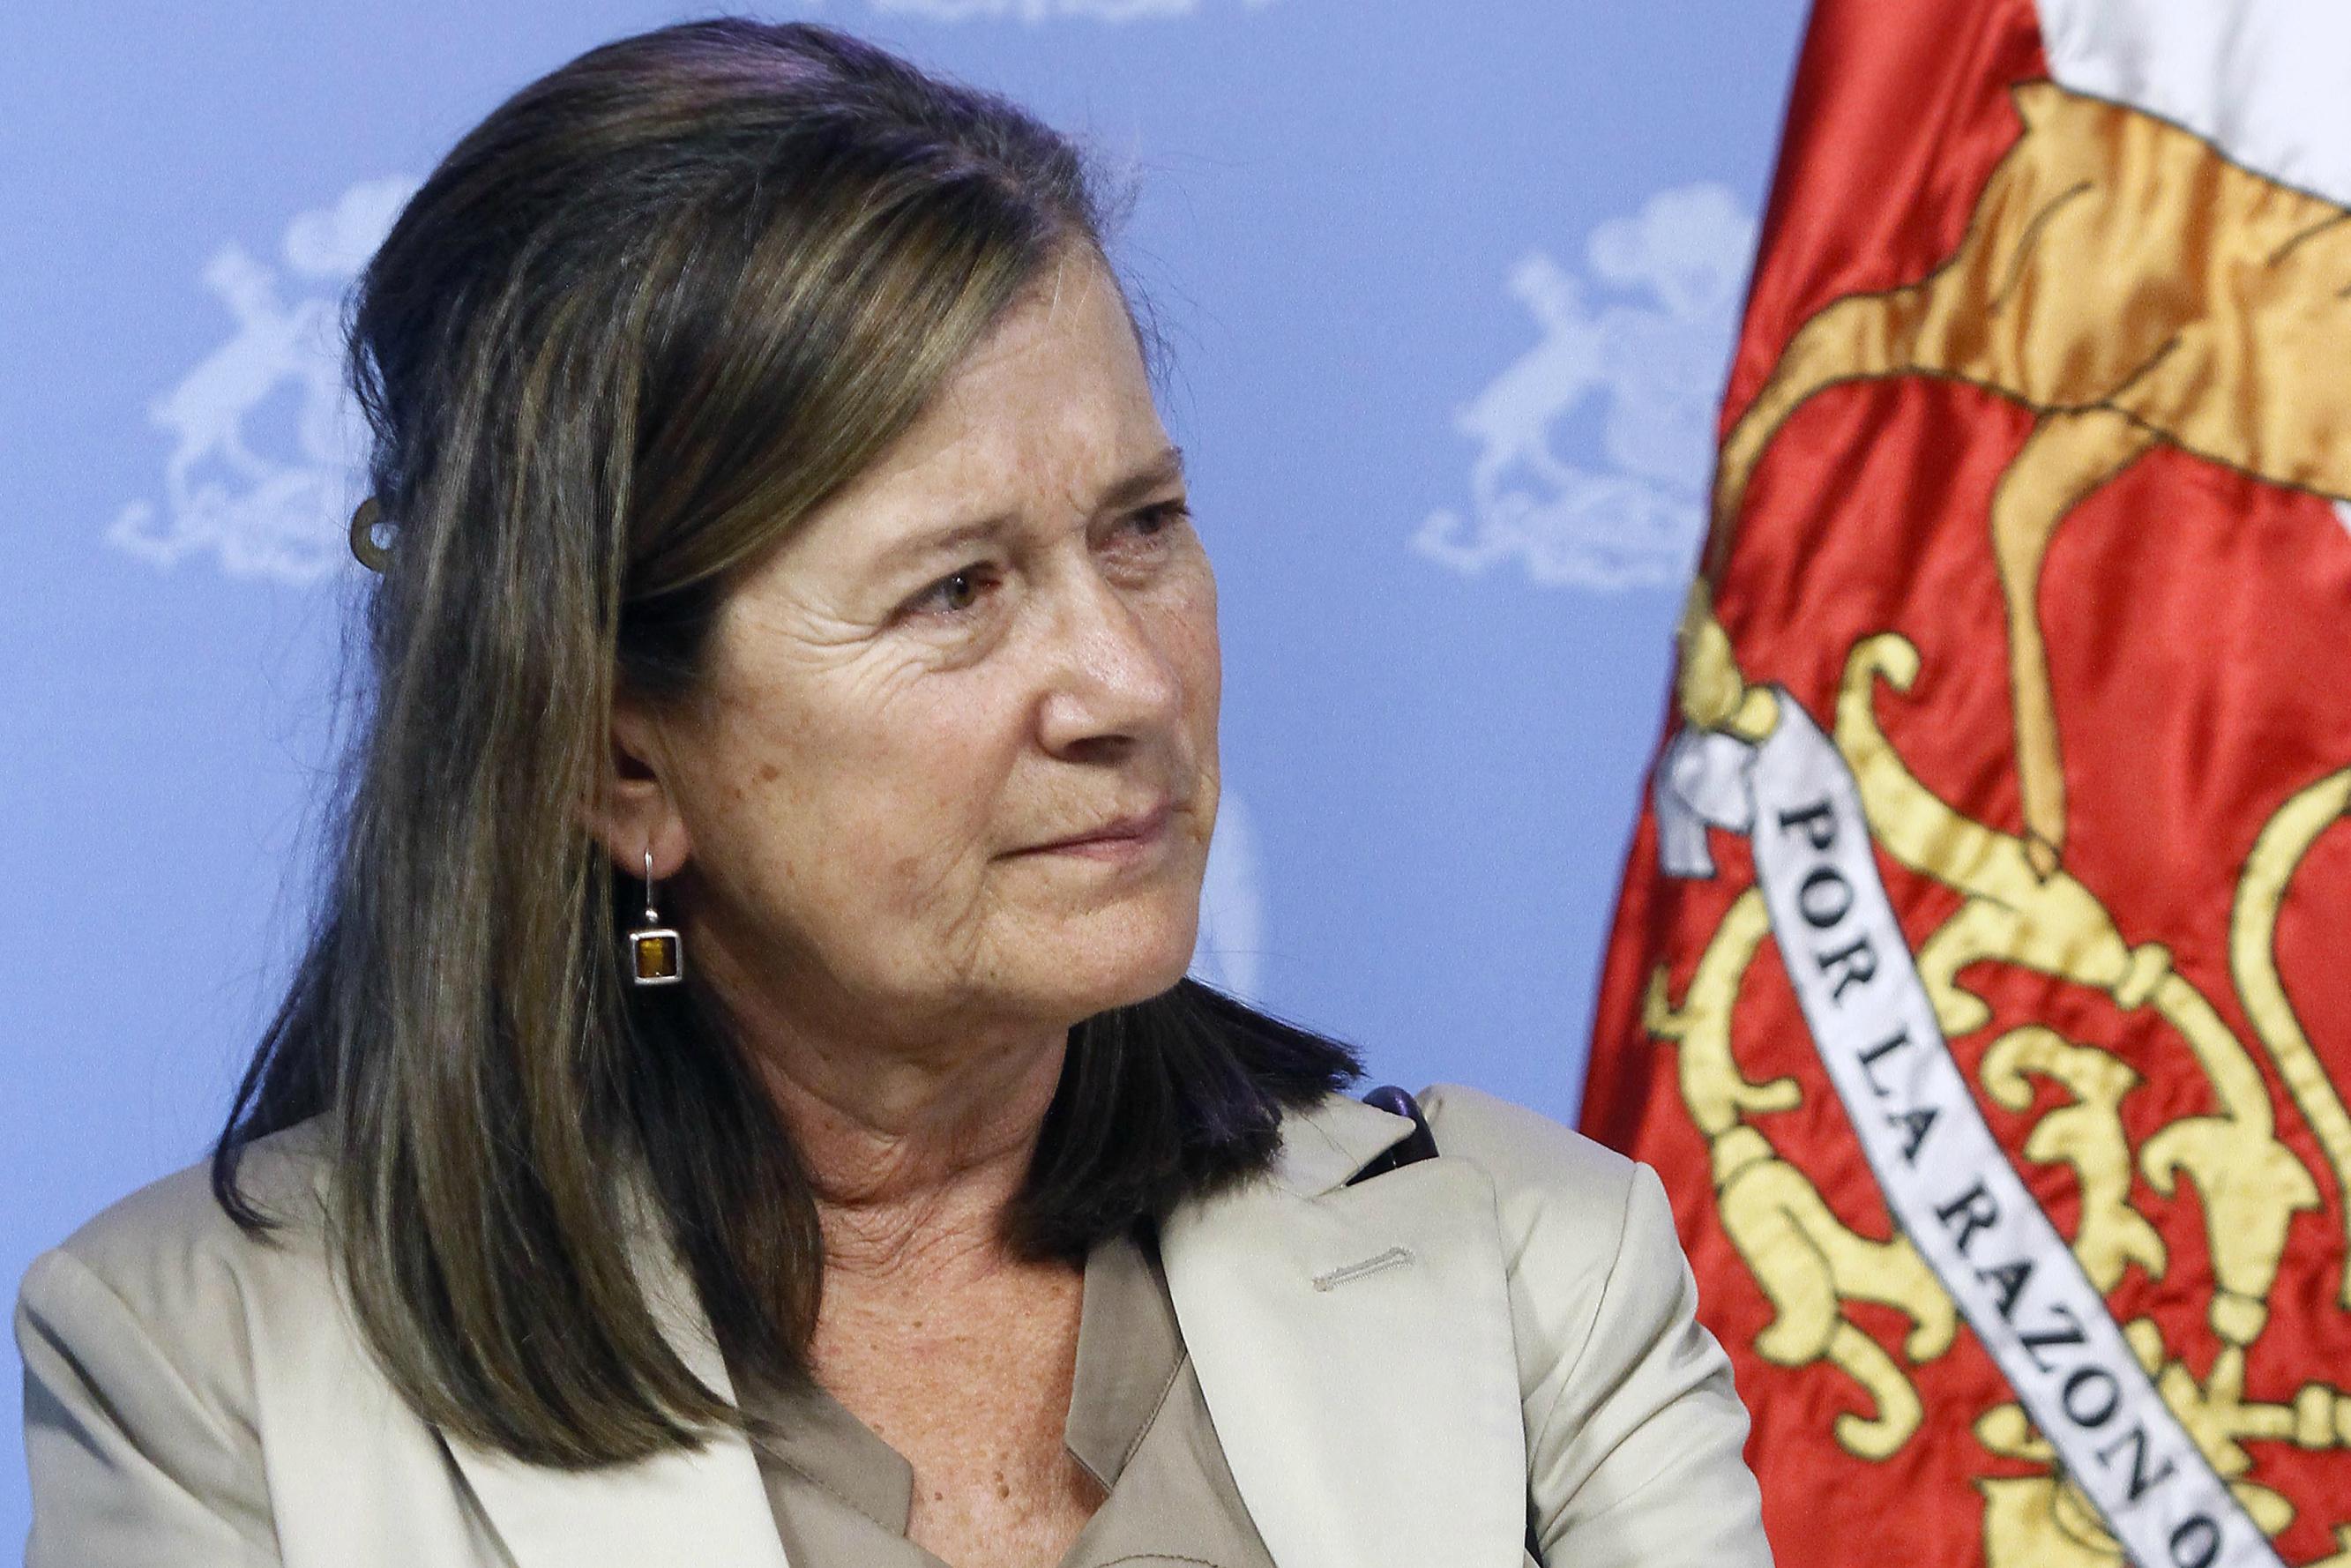 Quién es Susana Tonda, la ejecutiva de confianza de Piñera que asumirá como Directora Nacional de Sename